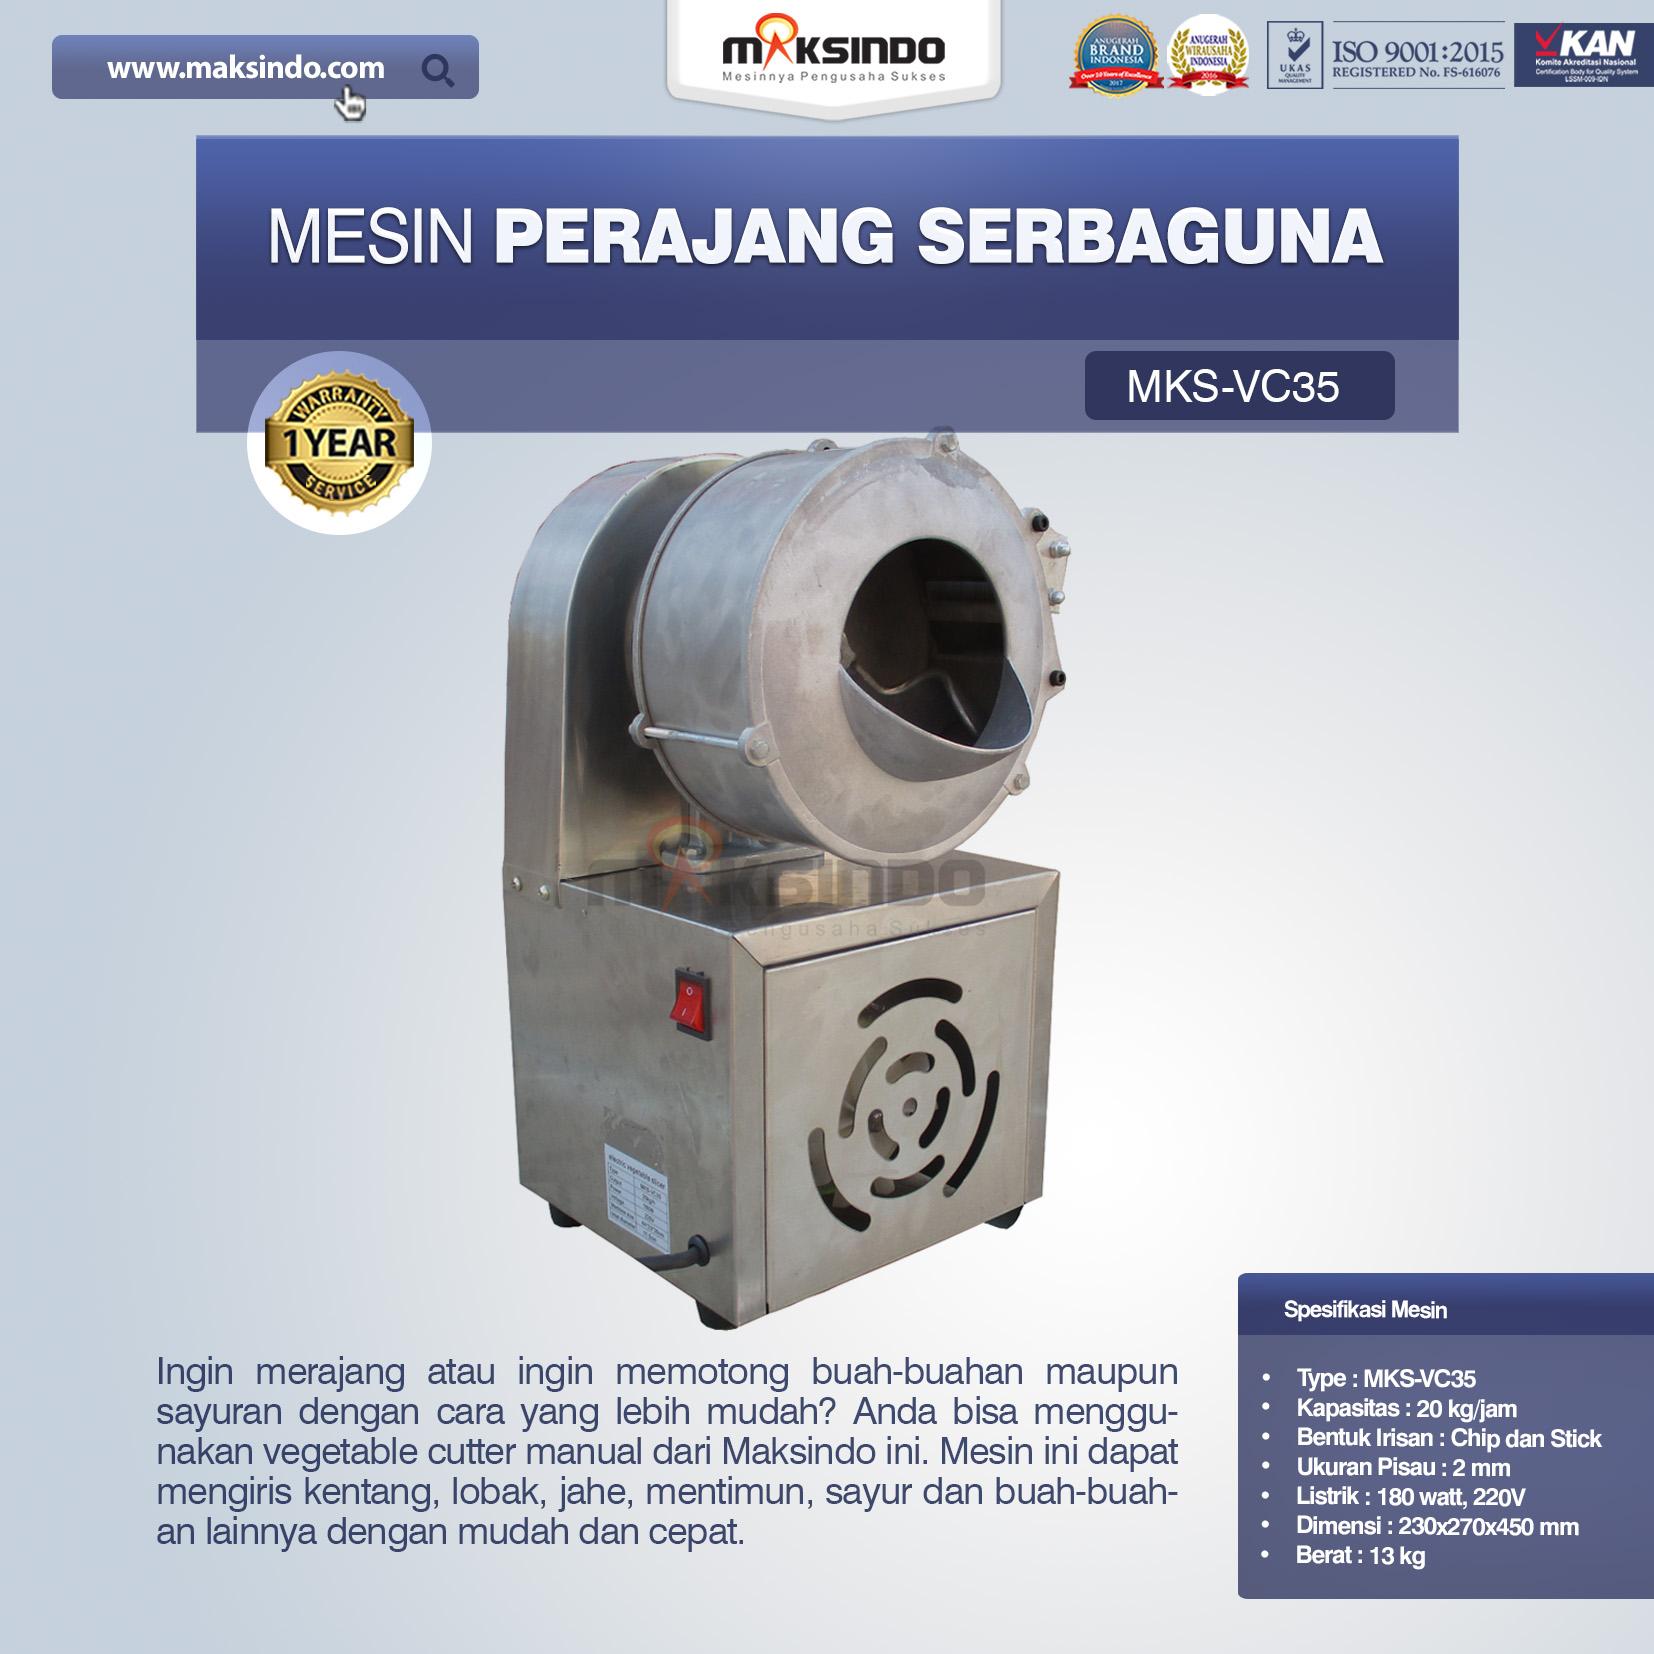 Jual Mesin Perajang SerbagunaMKS-VC35 di Bogor